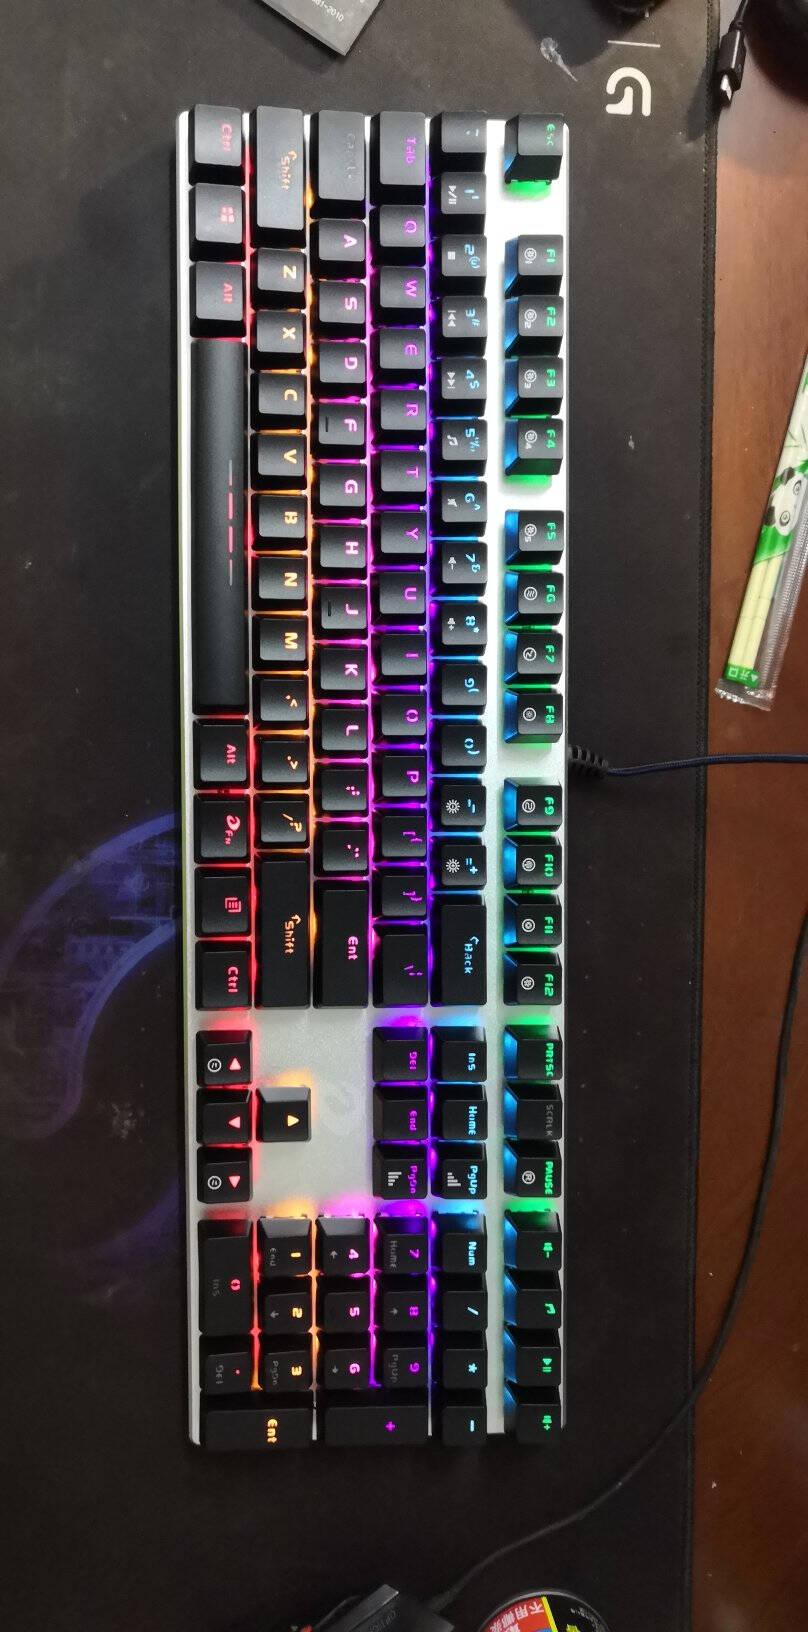 达尔优(dareu)机械师合金版机械键盘有线键盘游戏键盘108键混光全键无冲吃鸡键盘黑银黑轴